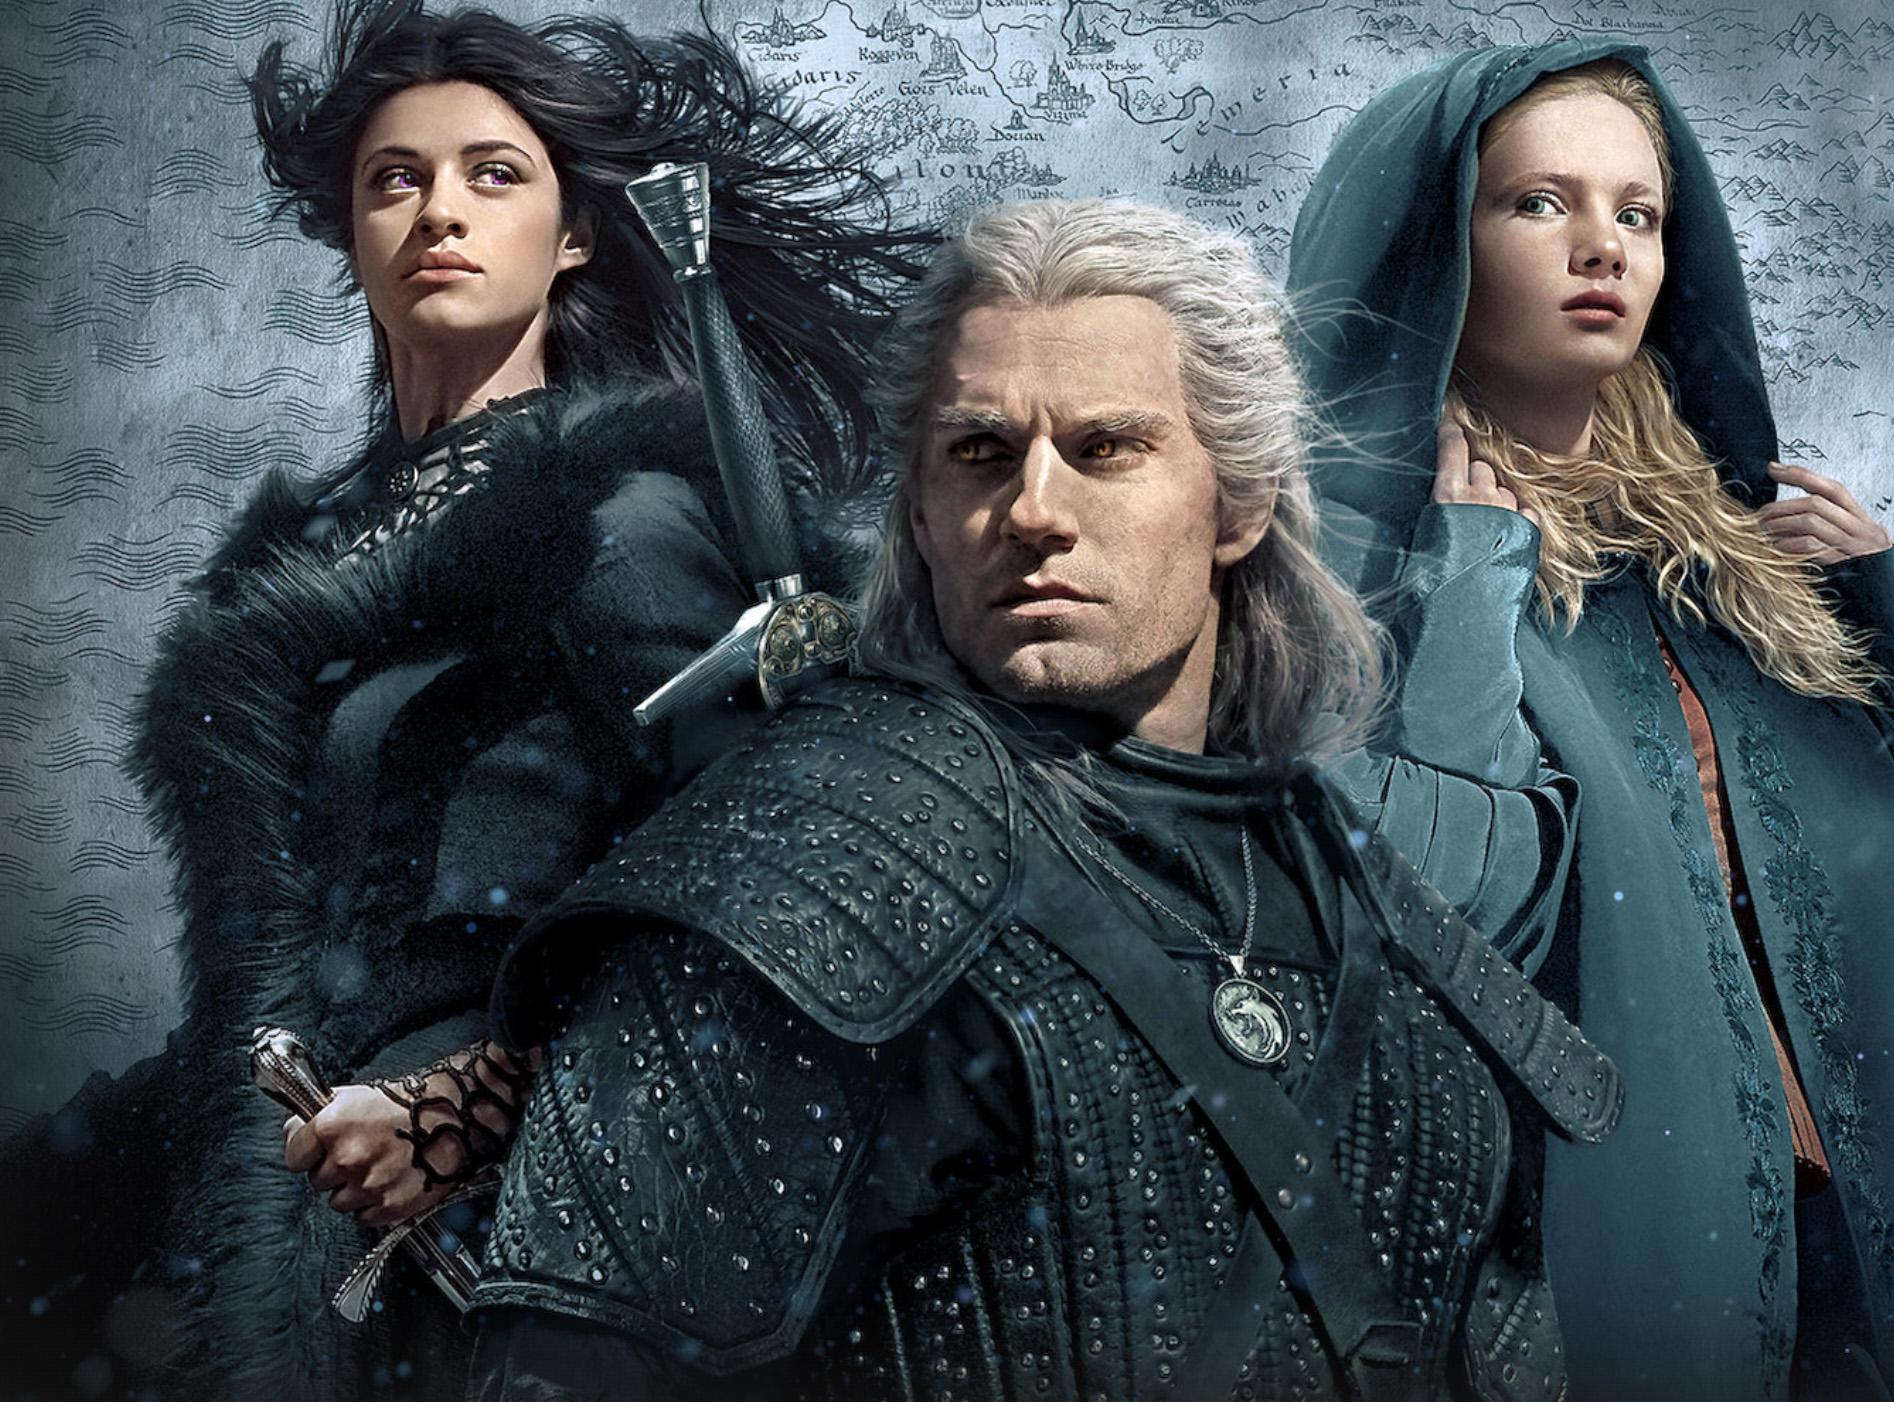 Netflix announces Witcher prequel series